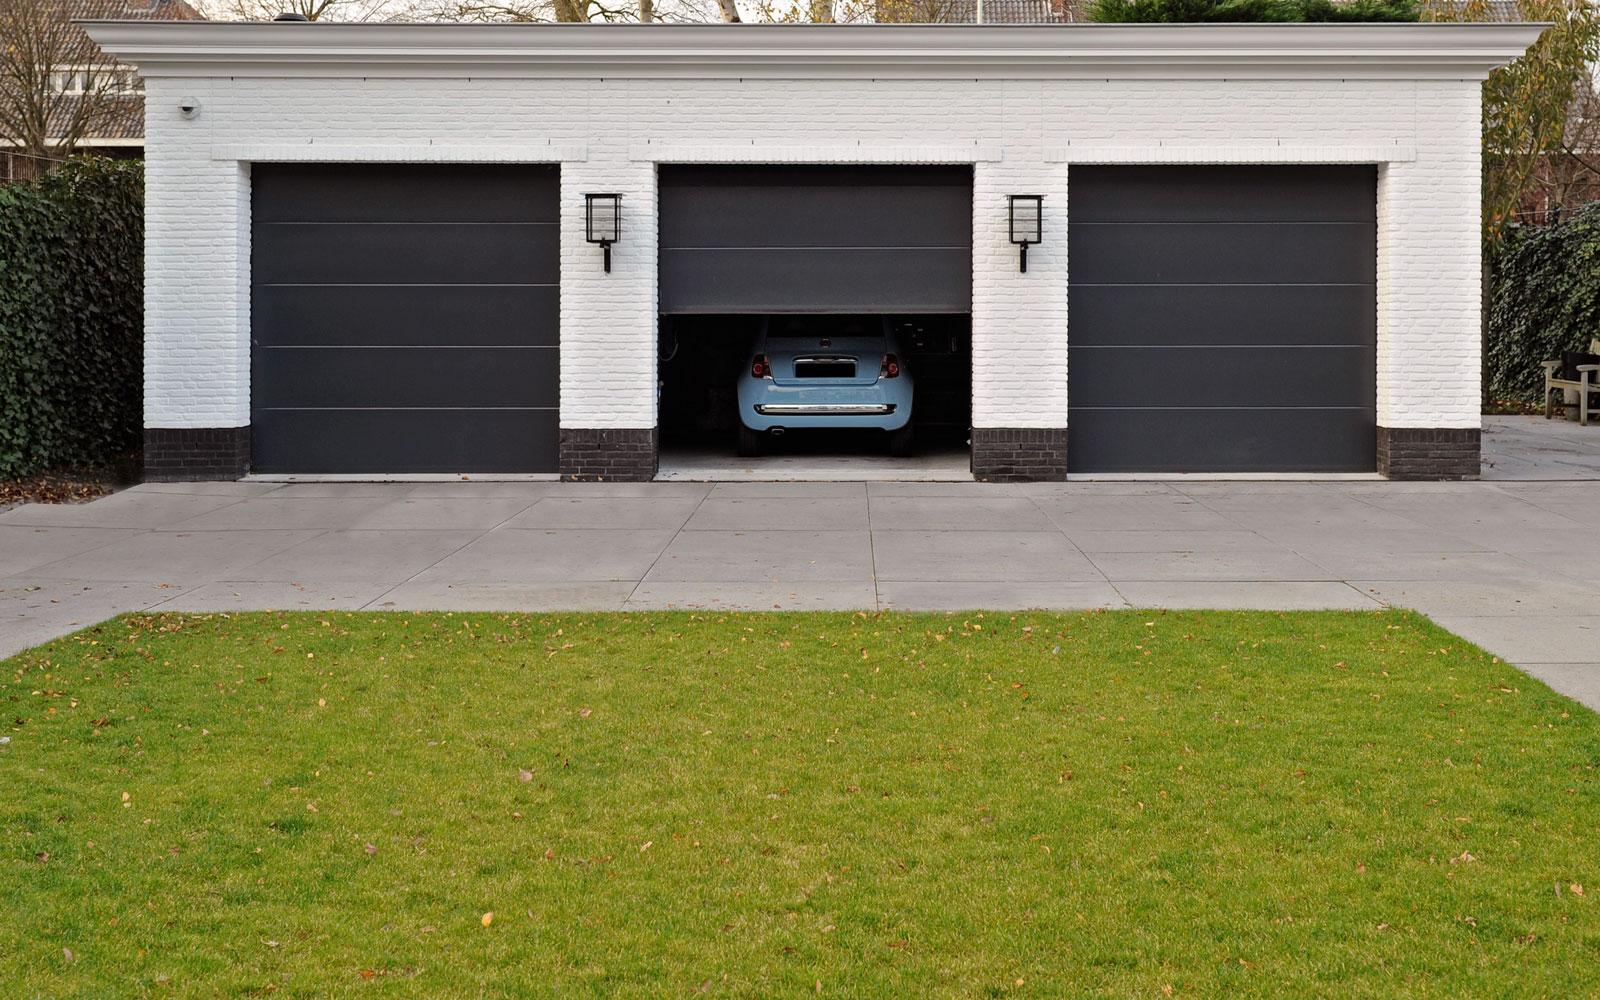 Tuin, parkeerplaats, garage, symmetrie, witte droomvilla, Gerben van Manen